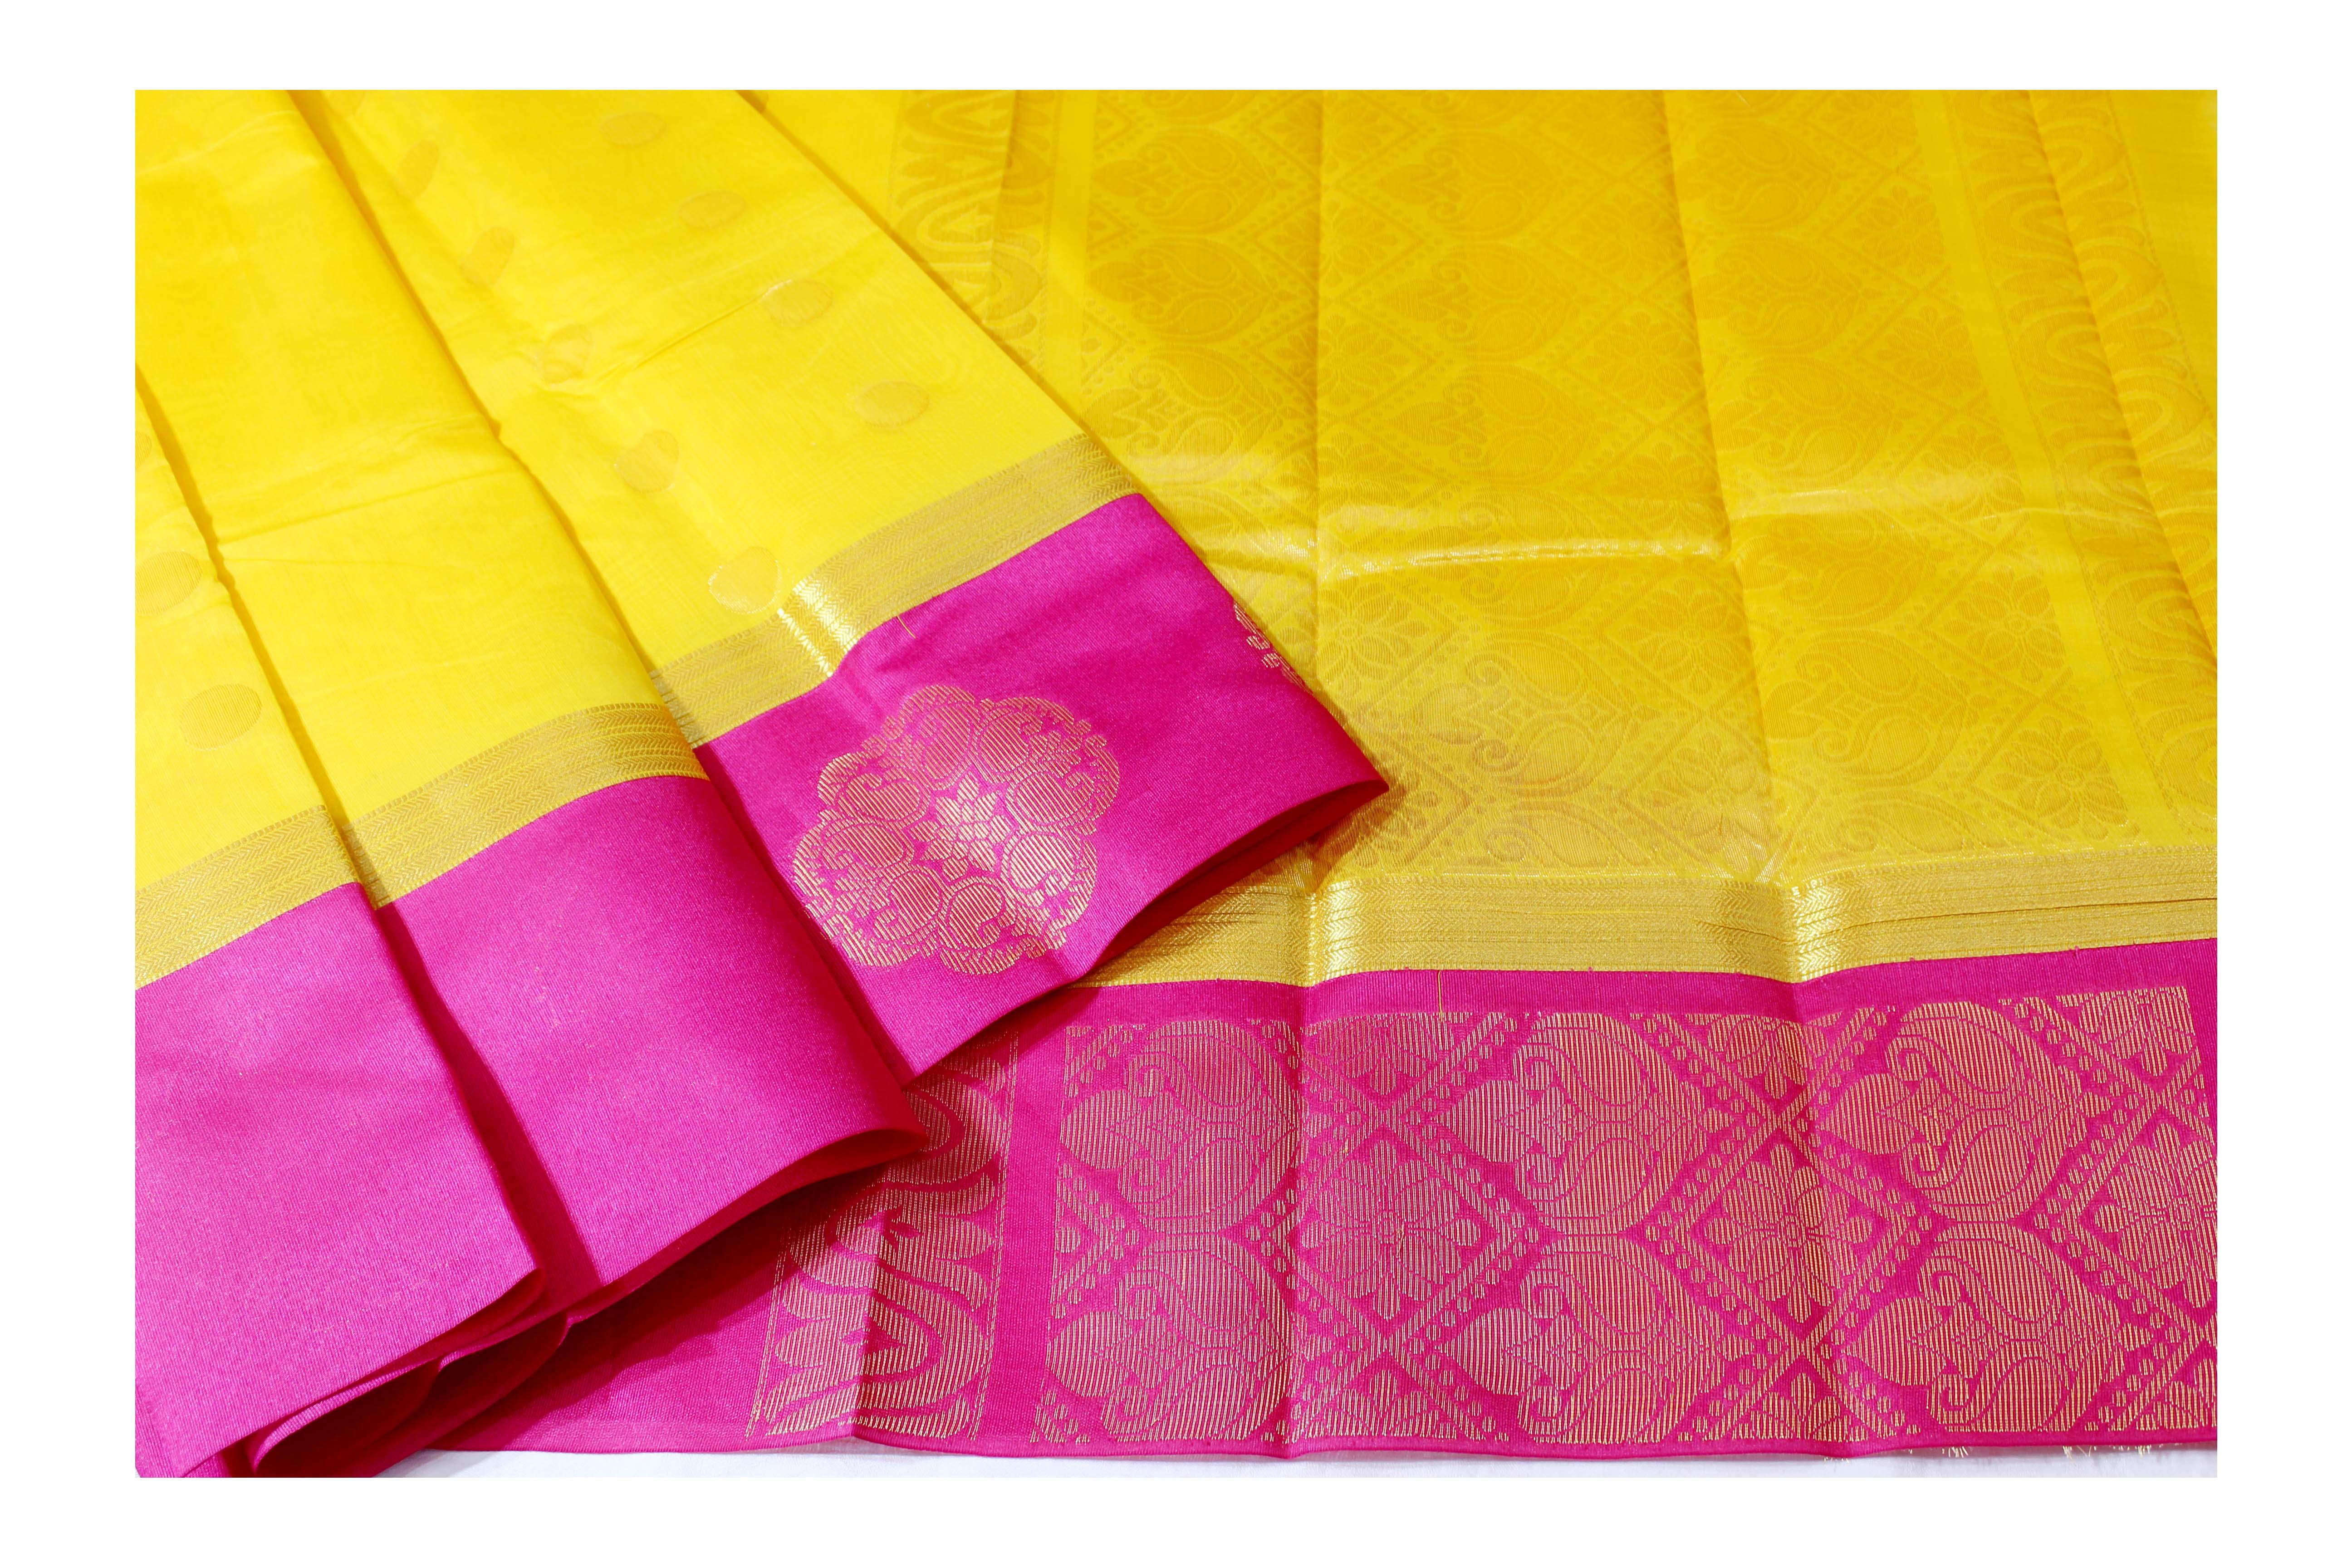 Mixture of yellow and pink Kanchi cotton saree.